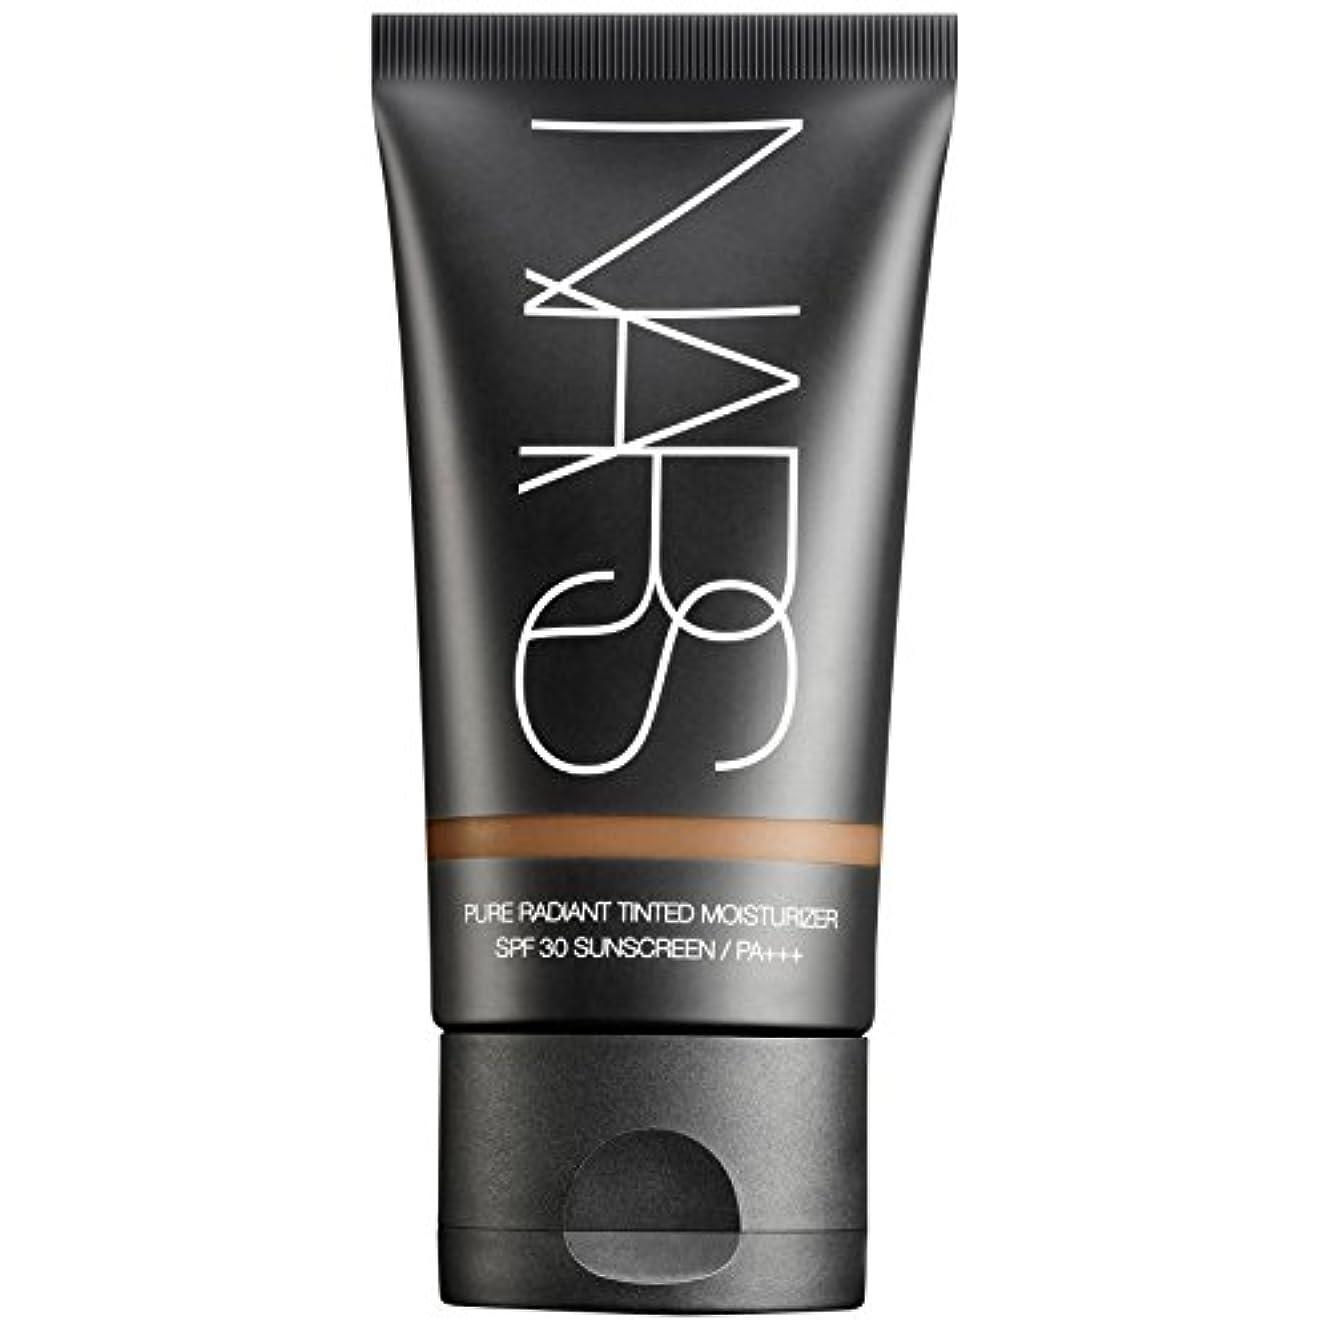 過ち申し立て希少性[NARS] Narは、純粋な放射着色モイスチャライザーSpf 30 / Pa +++ポリネシア - Nars Pure Radiant Tinted Moisturizer Spf 30/Pa+++ Polynesia [並行輸入品]